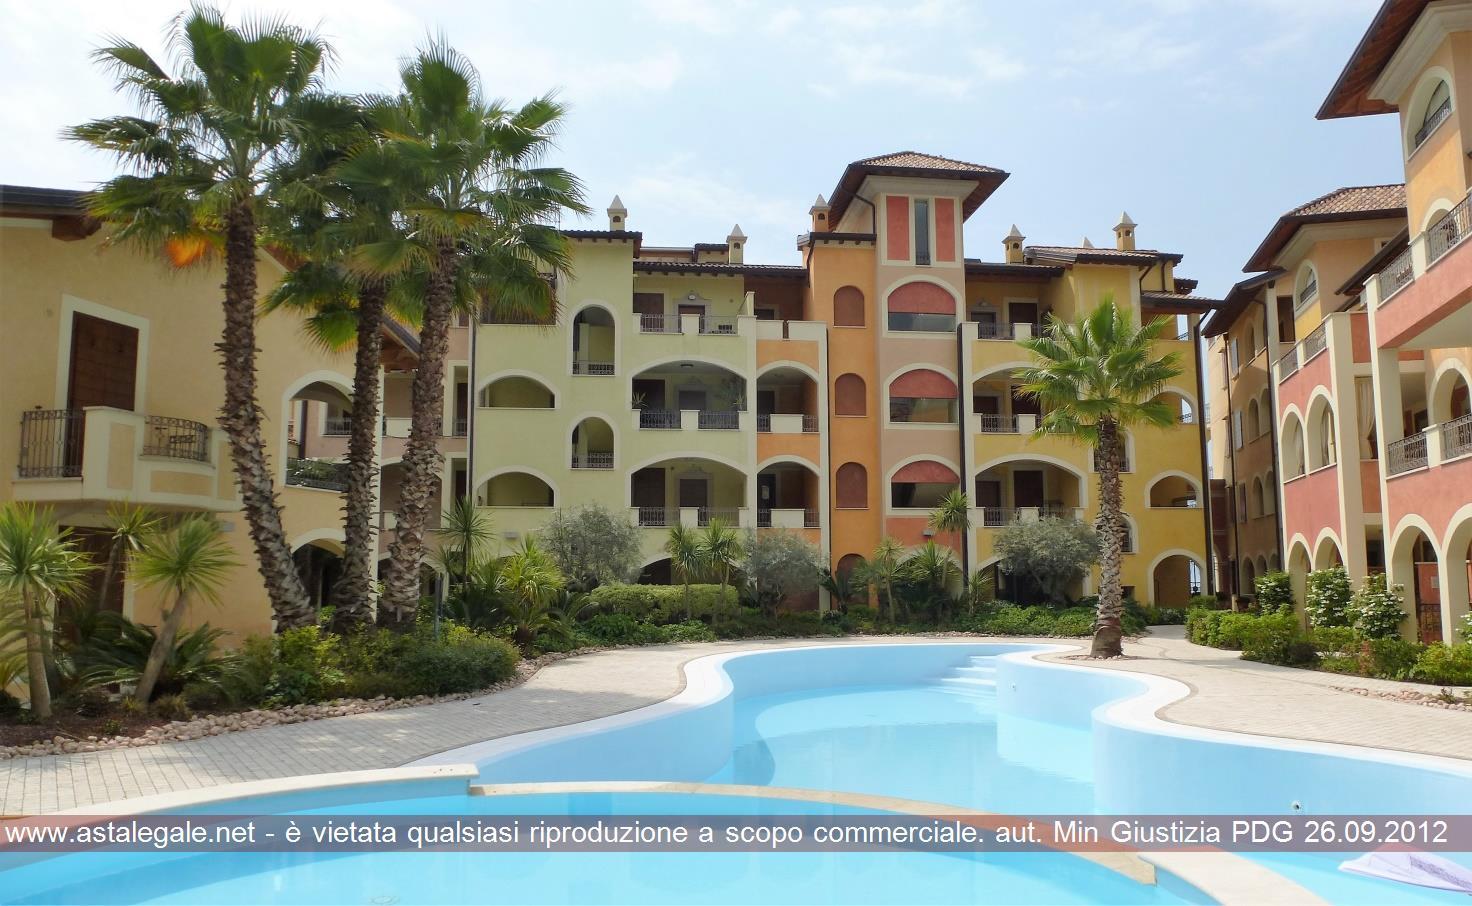 Toscolano-maderno (BS) Via Lungolago Zanardelli n.c. 32-34 e accesso carraio dalla Via Carducci n. 2